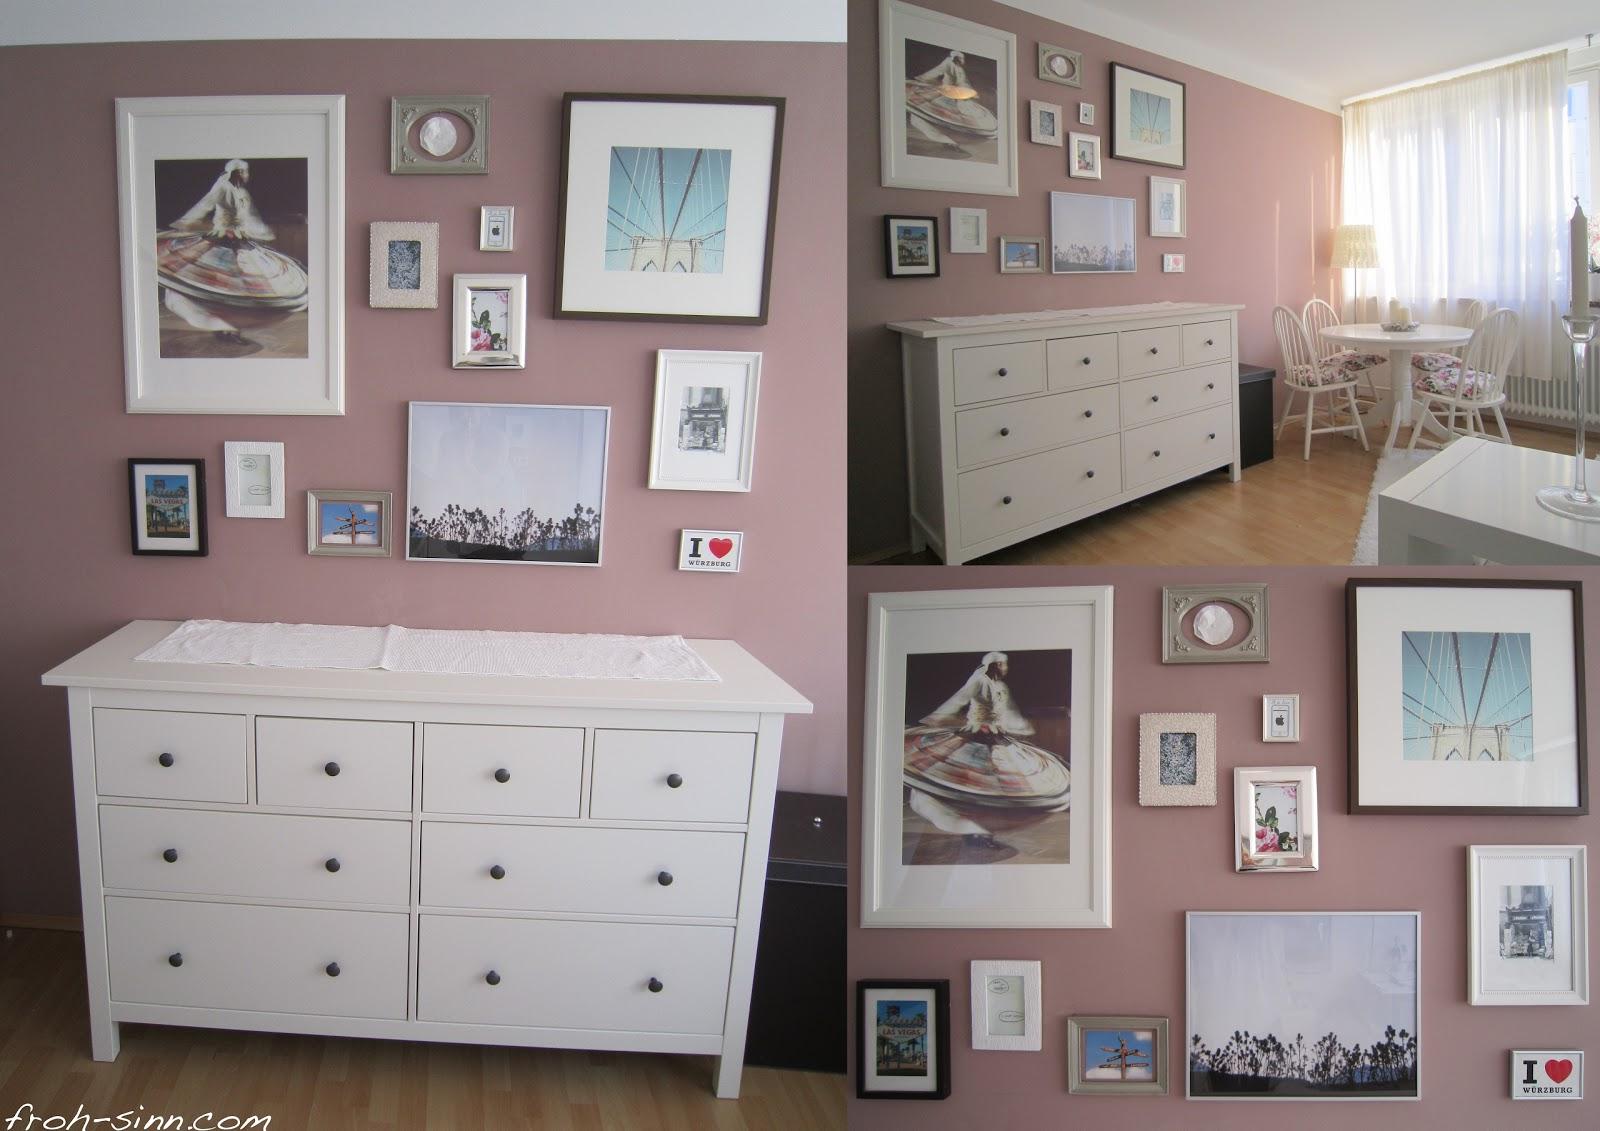 living streichsinn mit frohsinn streichen leicht gemacht frohsinn. Black Bedroom Furniture Sets. Home Design Ideas